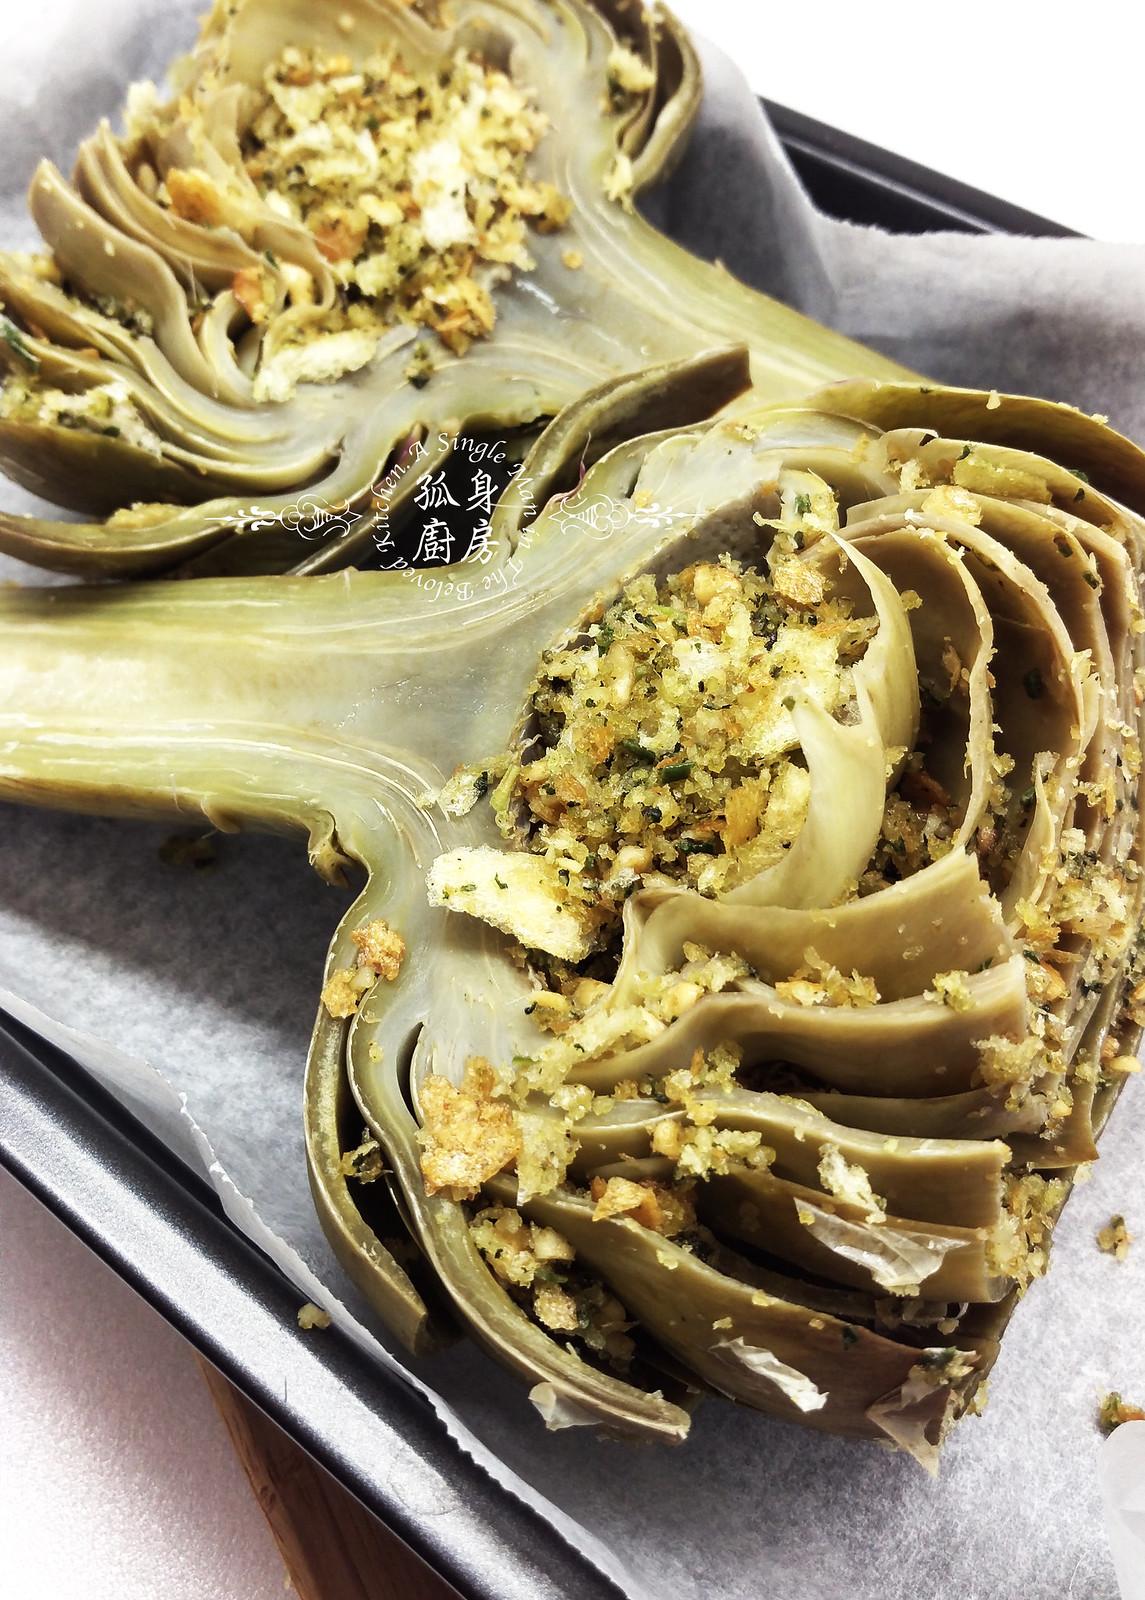 孤身廚房-青醬帕瑪森起司鑲烤朝鮮薊佐簡易油醋蘿蔓沙拉17